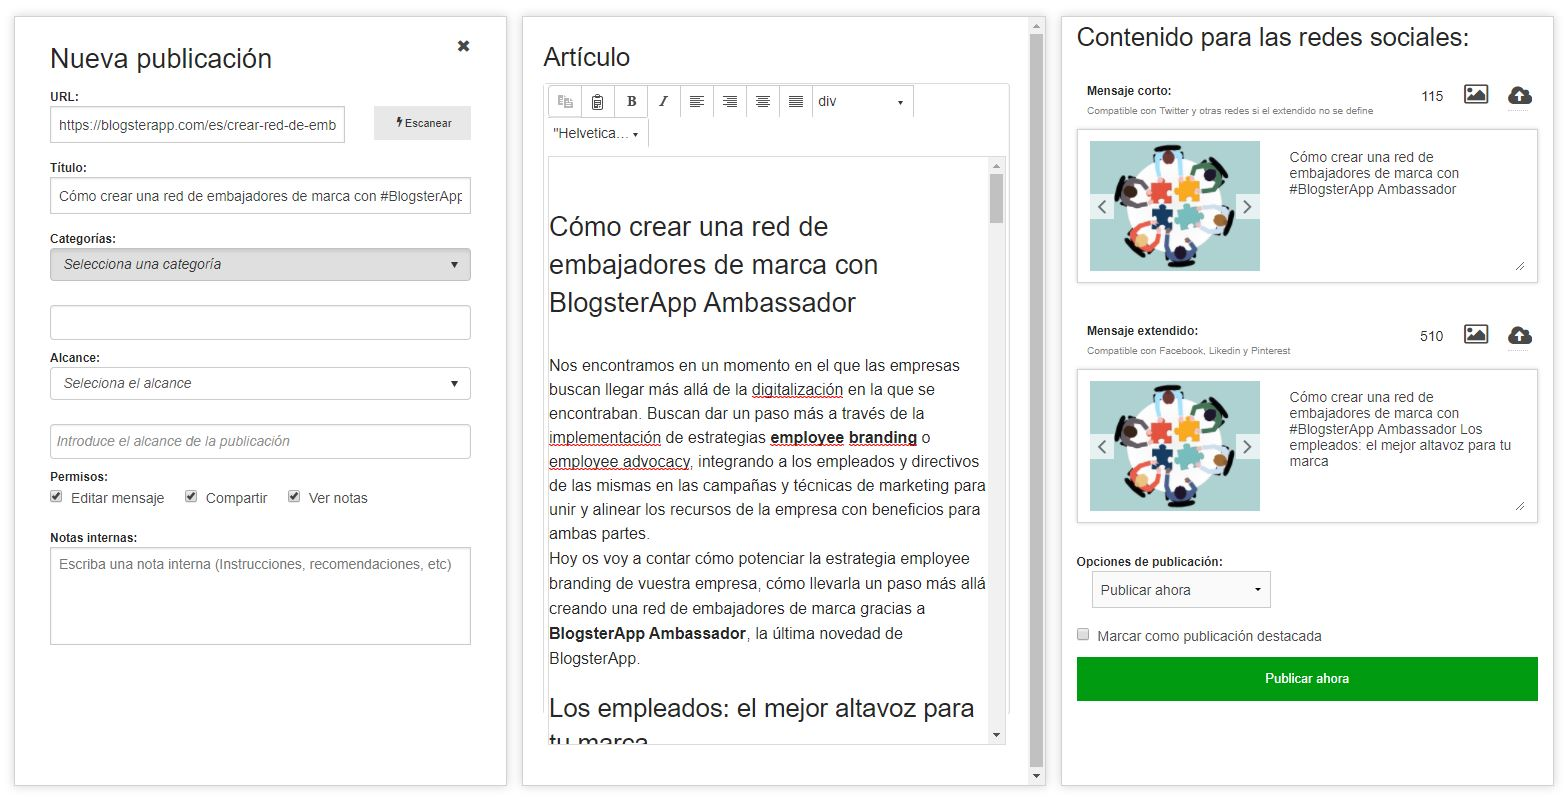 Vista previa del artículo en el repositorio de contenidos